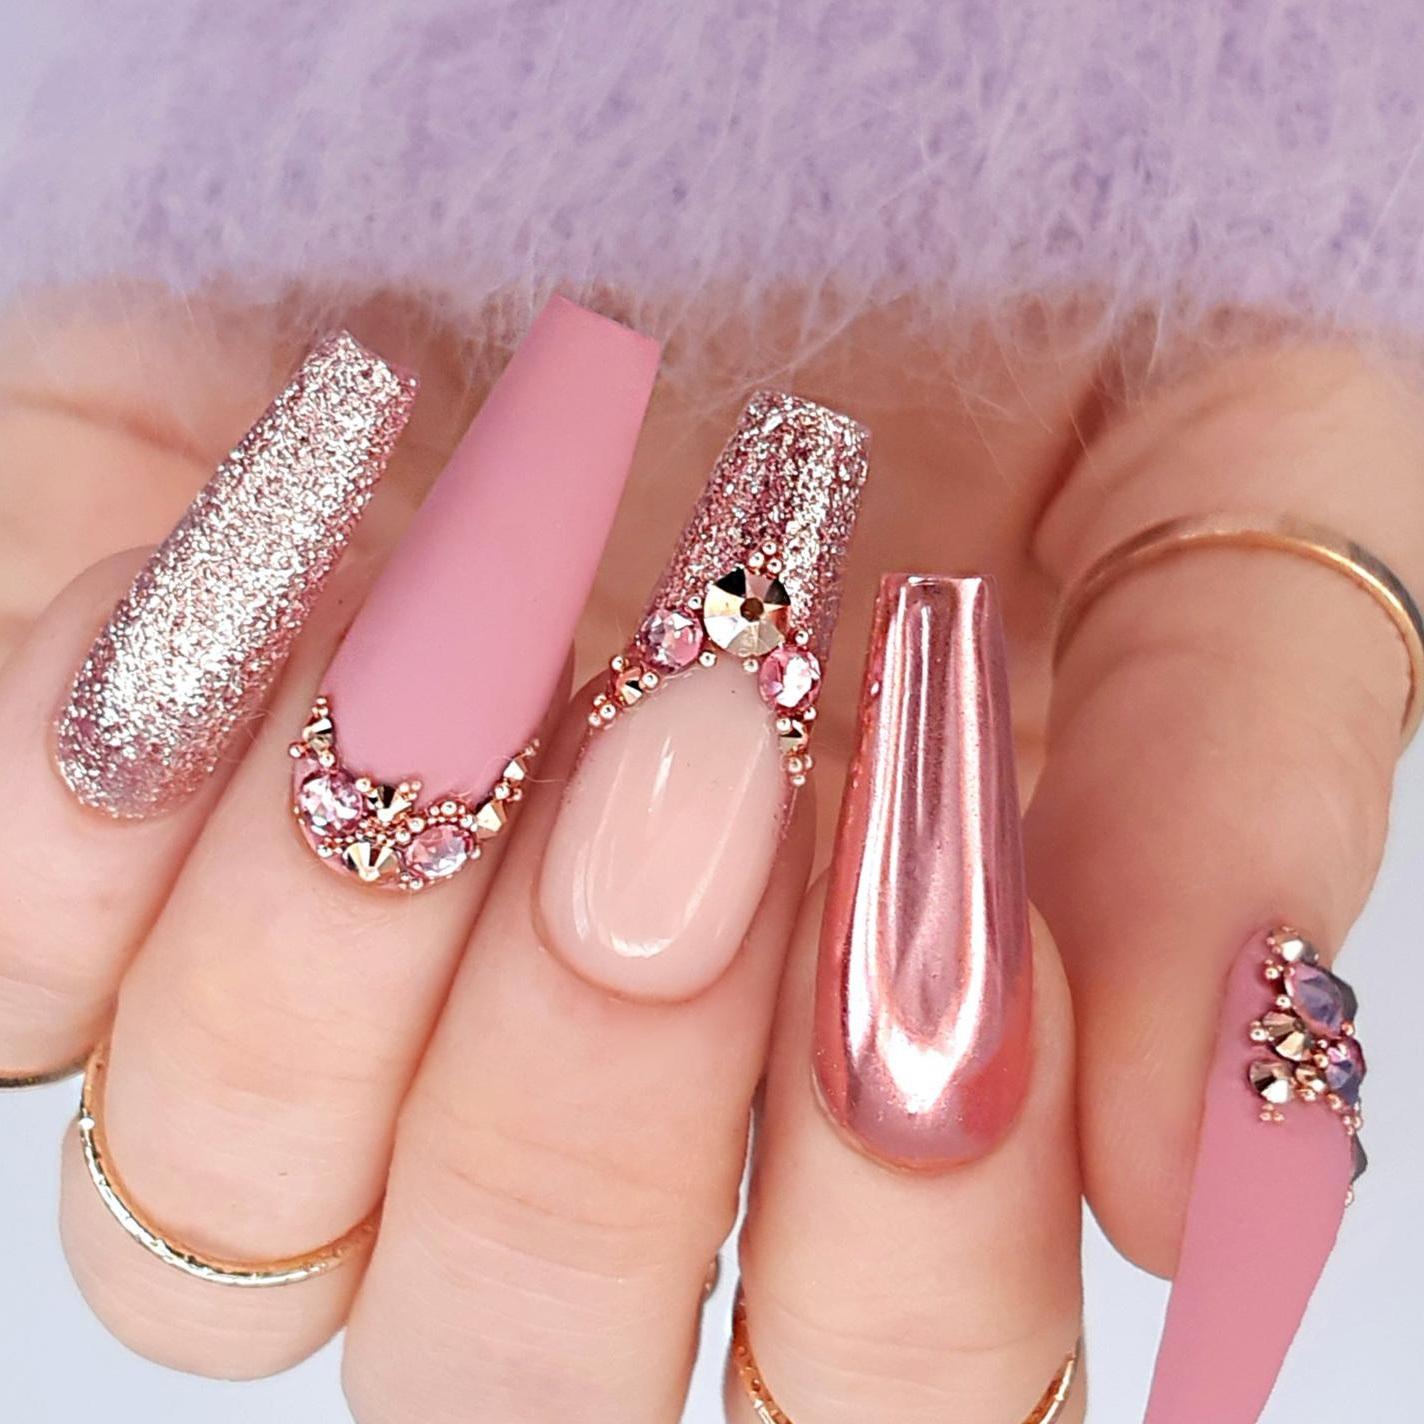 glitter nail design awsome 2021